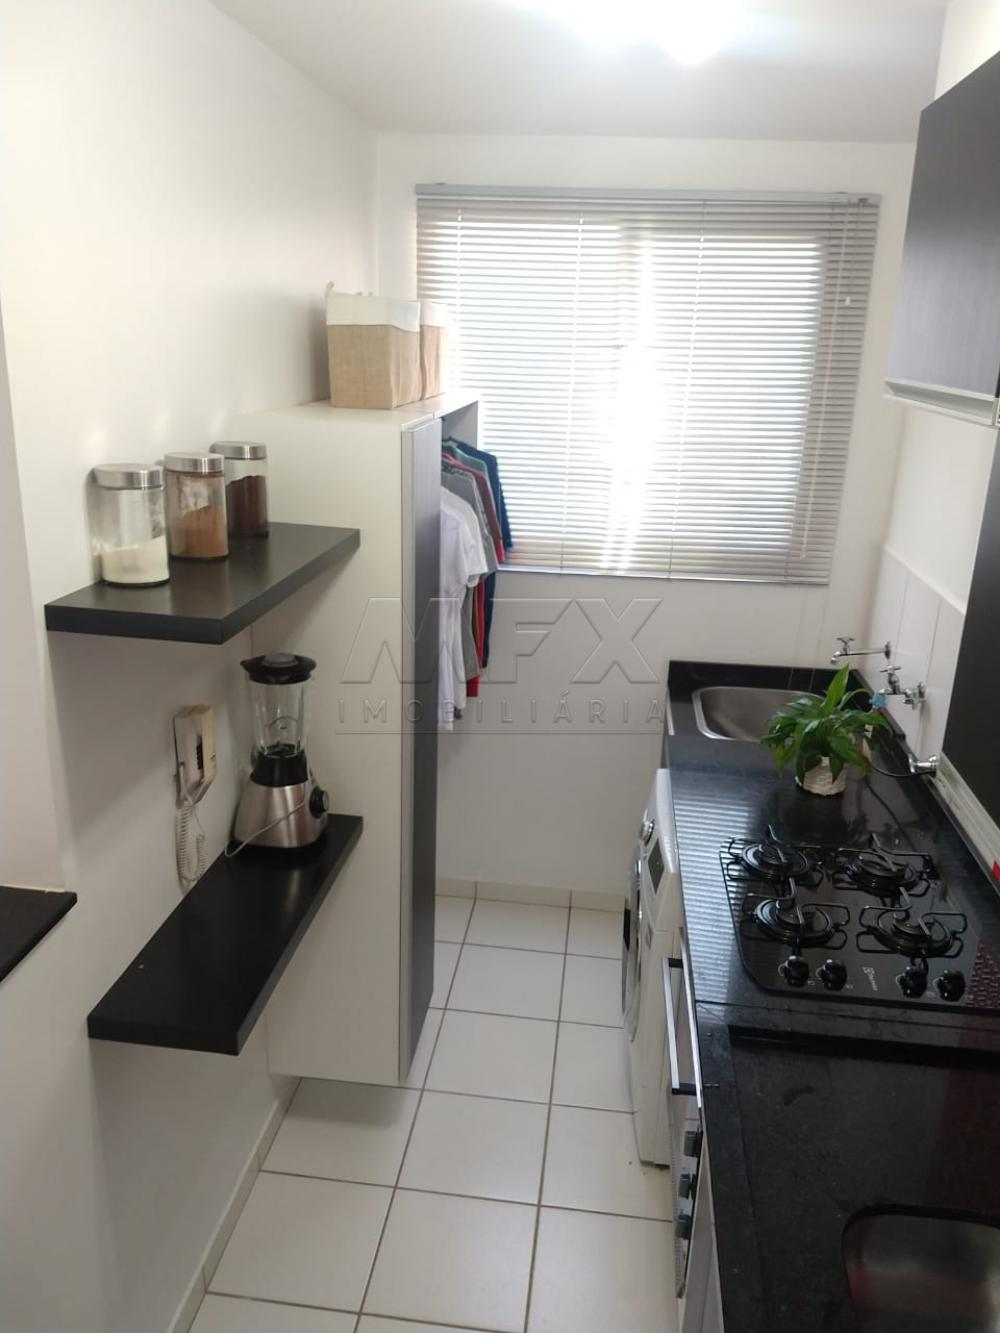 Comprar Apartamento / Padrão em Bauru apenas R$ 145.000,00 - Foto 4